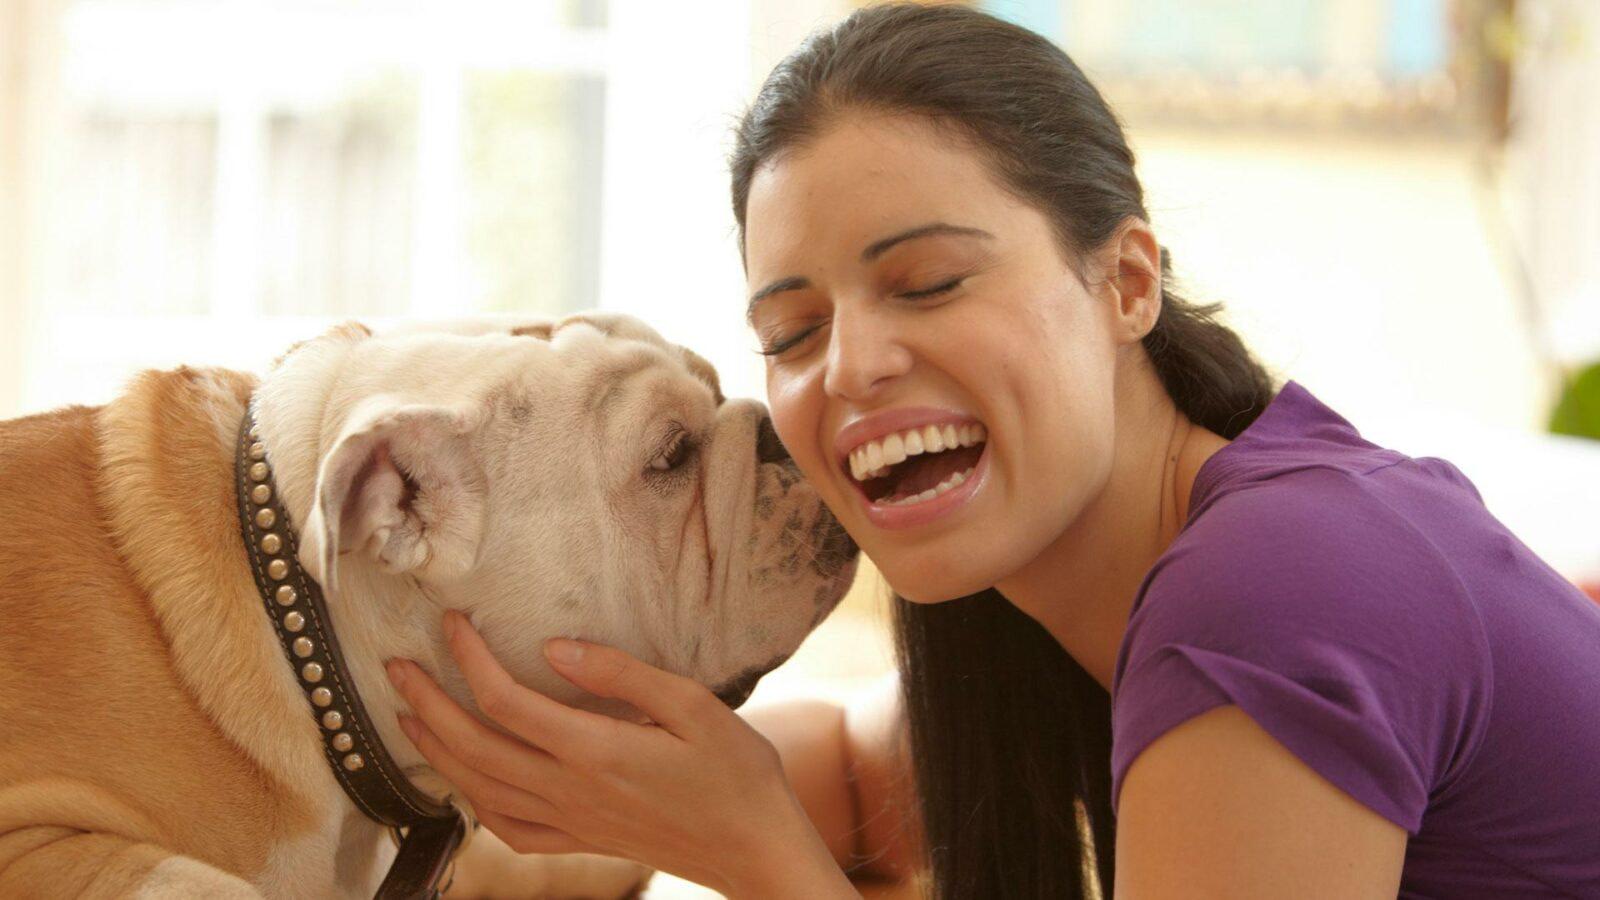 Pup Introduceren bij Andere Hond, Hoe doe je dat?